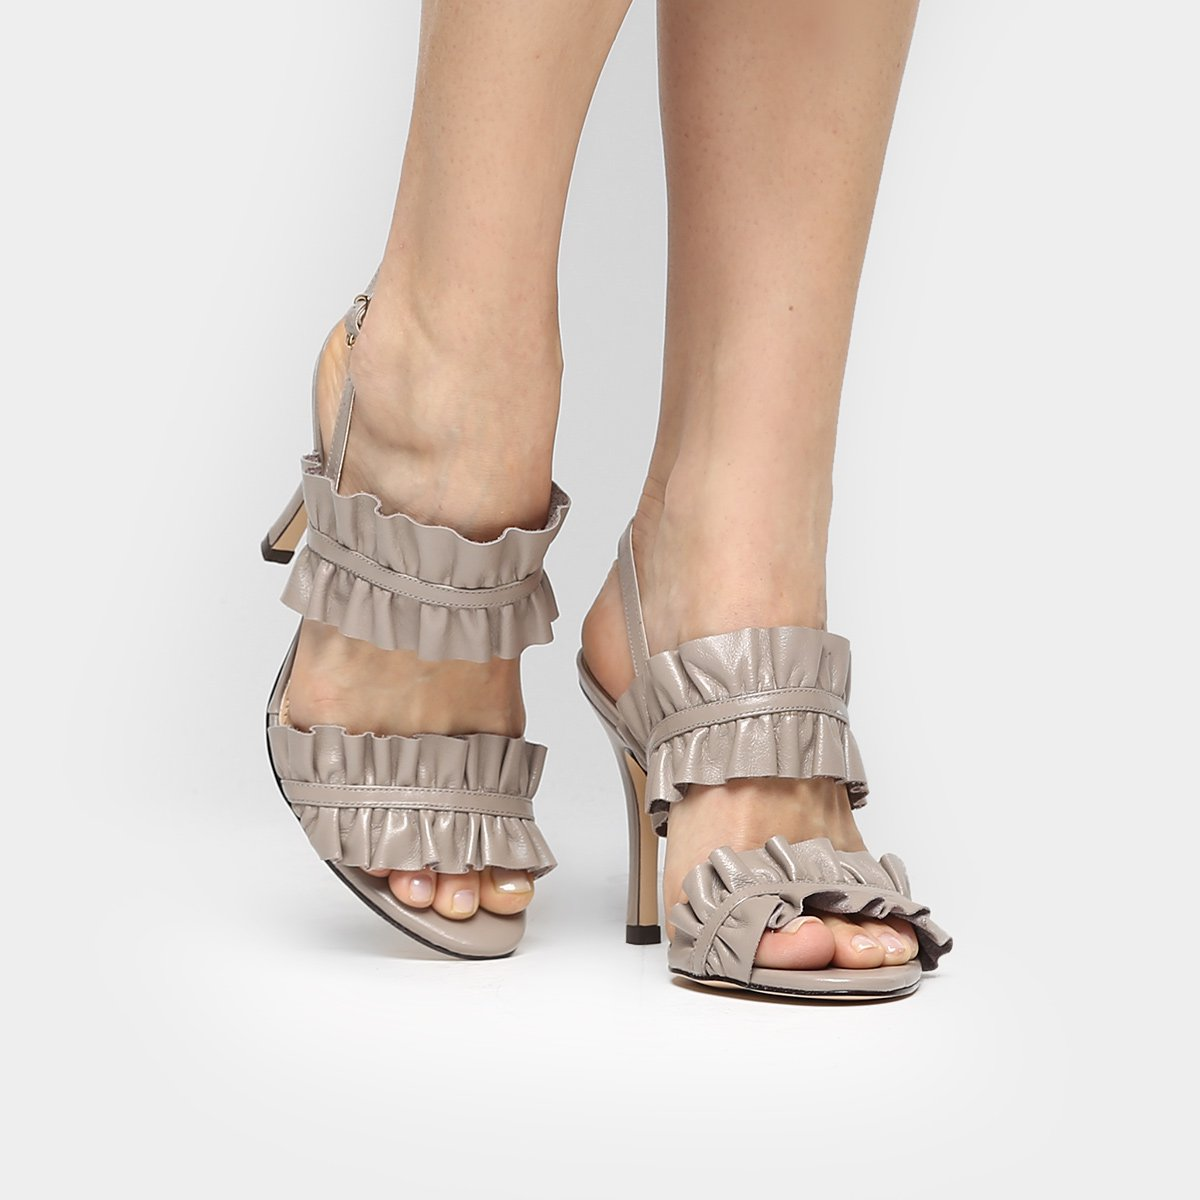 d5241d134b Sandália Couro Shoestock Salto Fino Babado Feminina